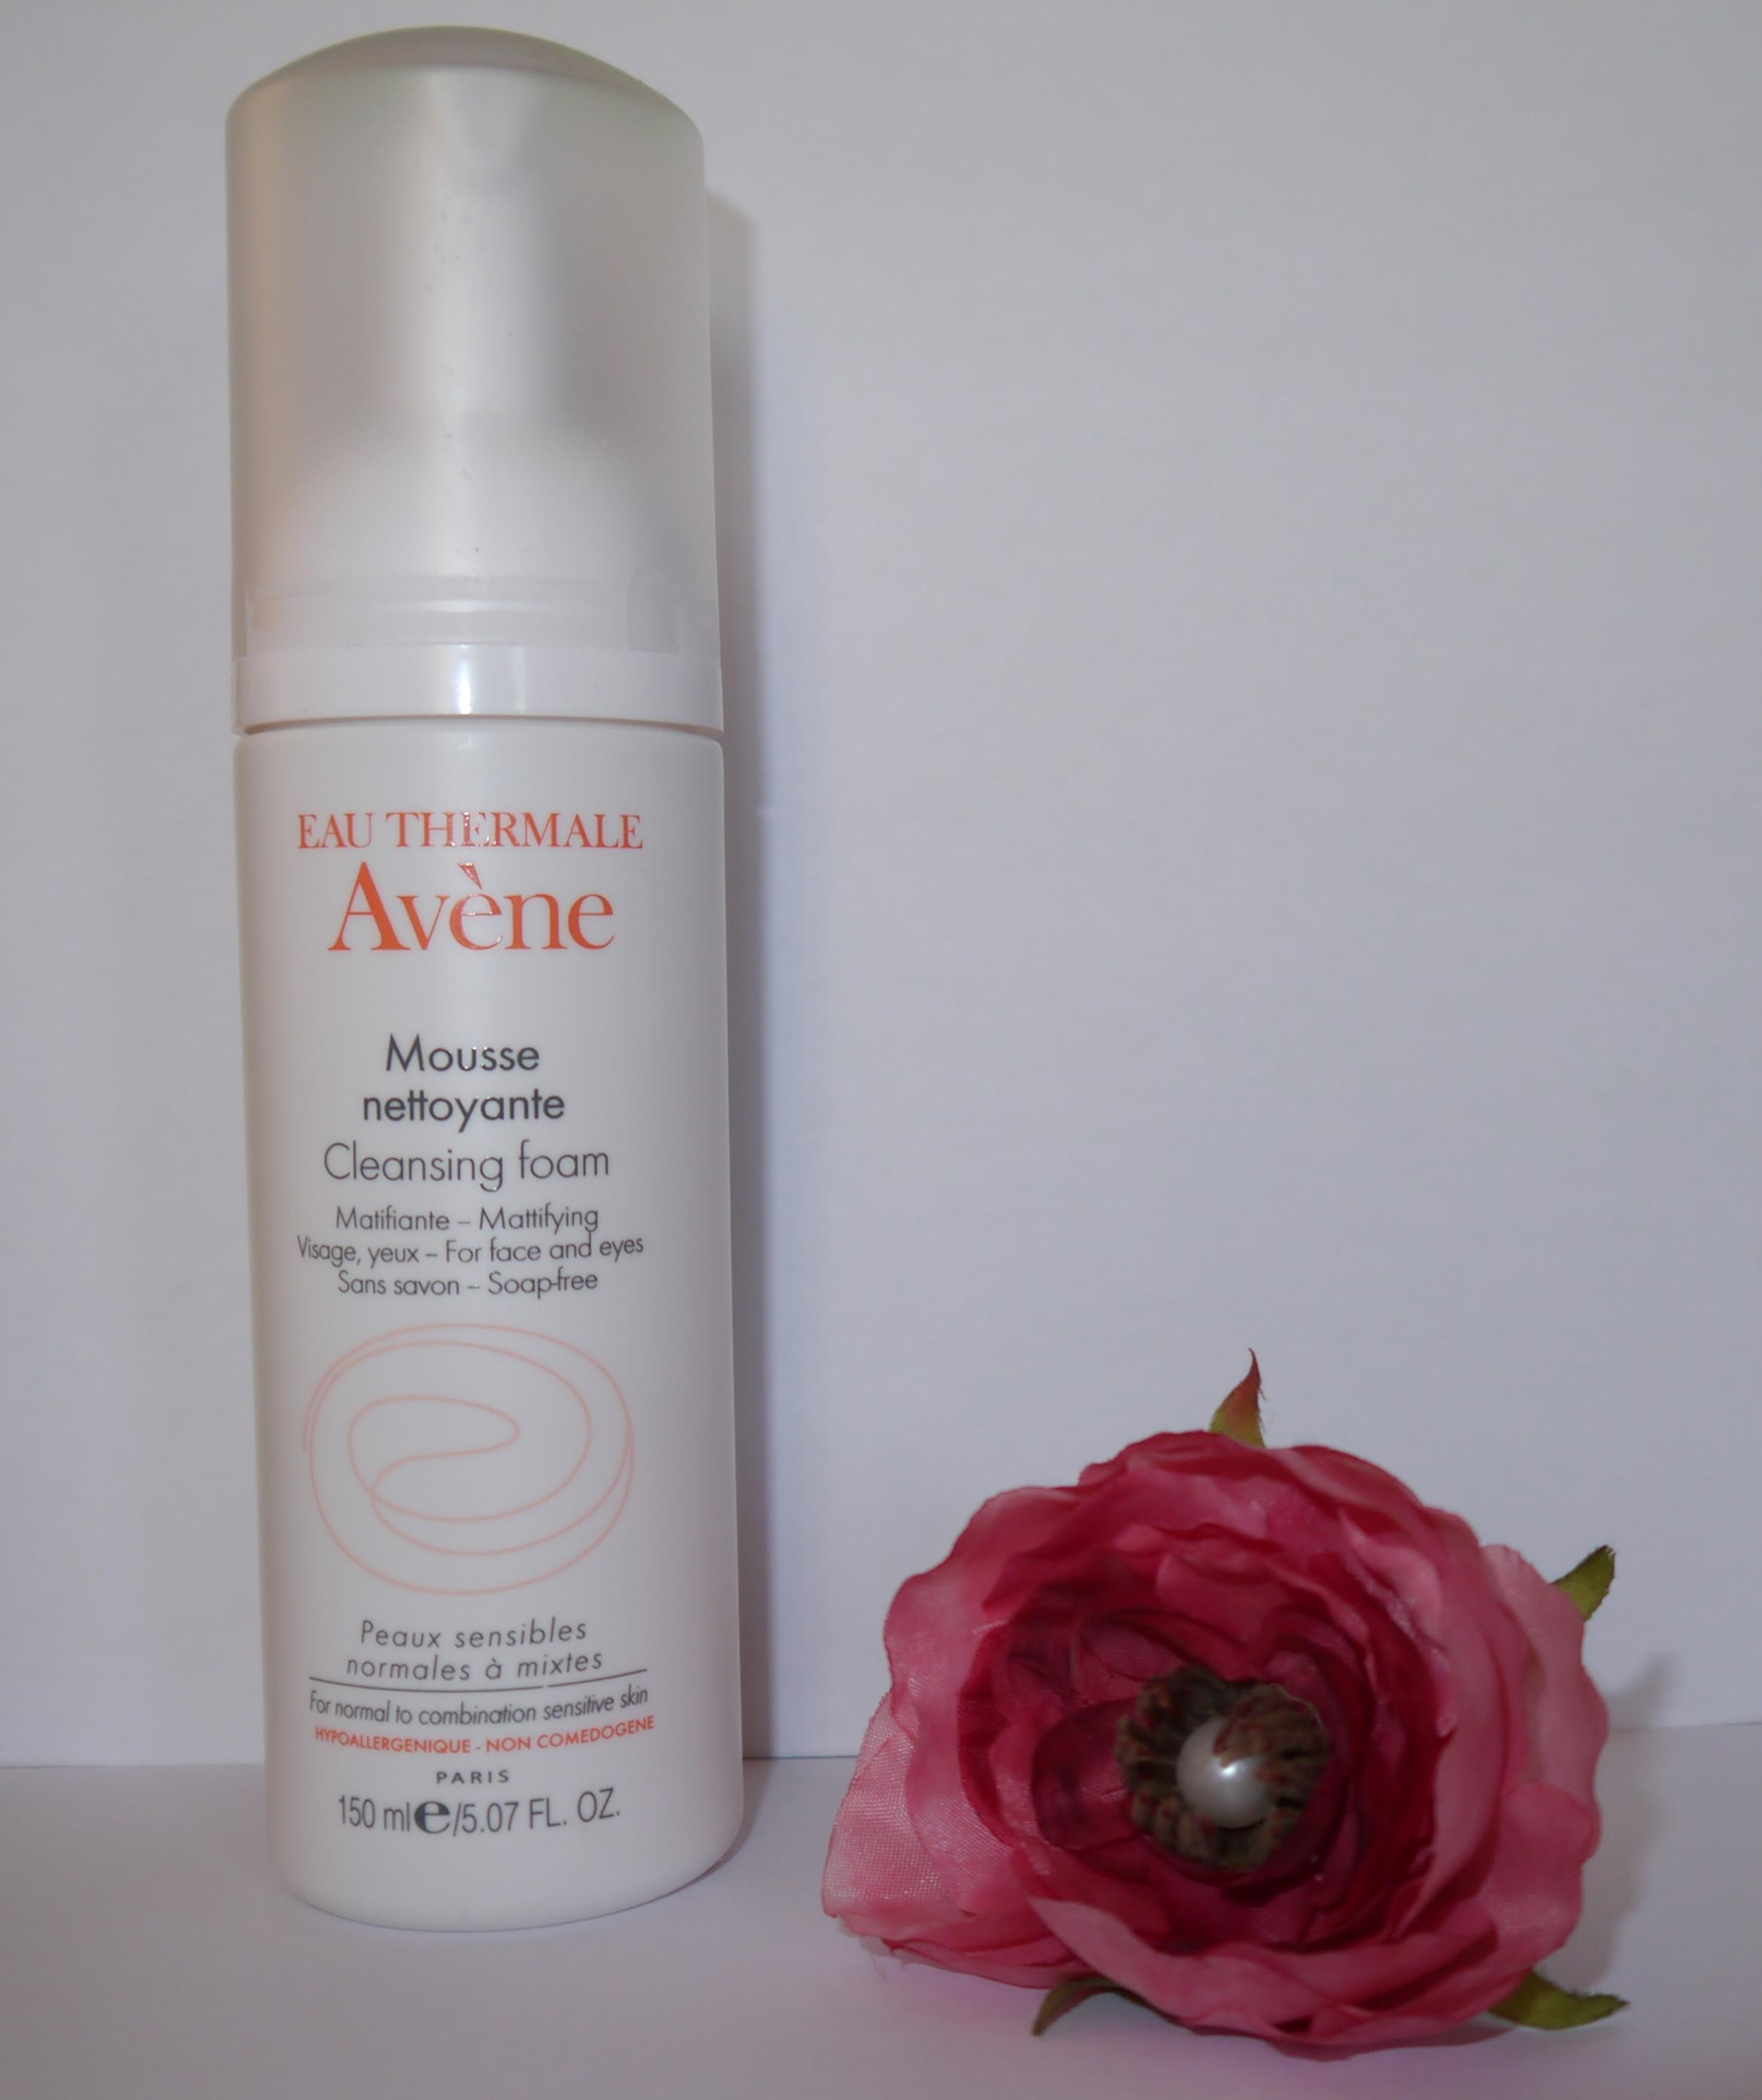 Mousse nettoyante Avène - Charonbelli's blog beauté